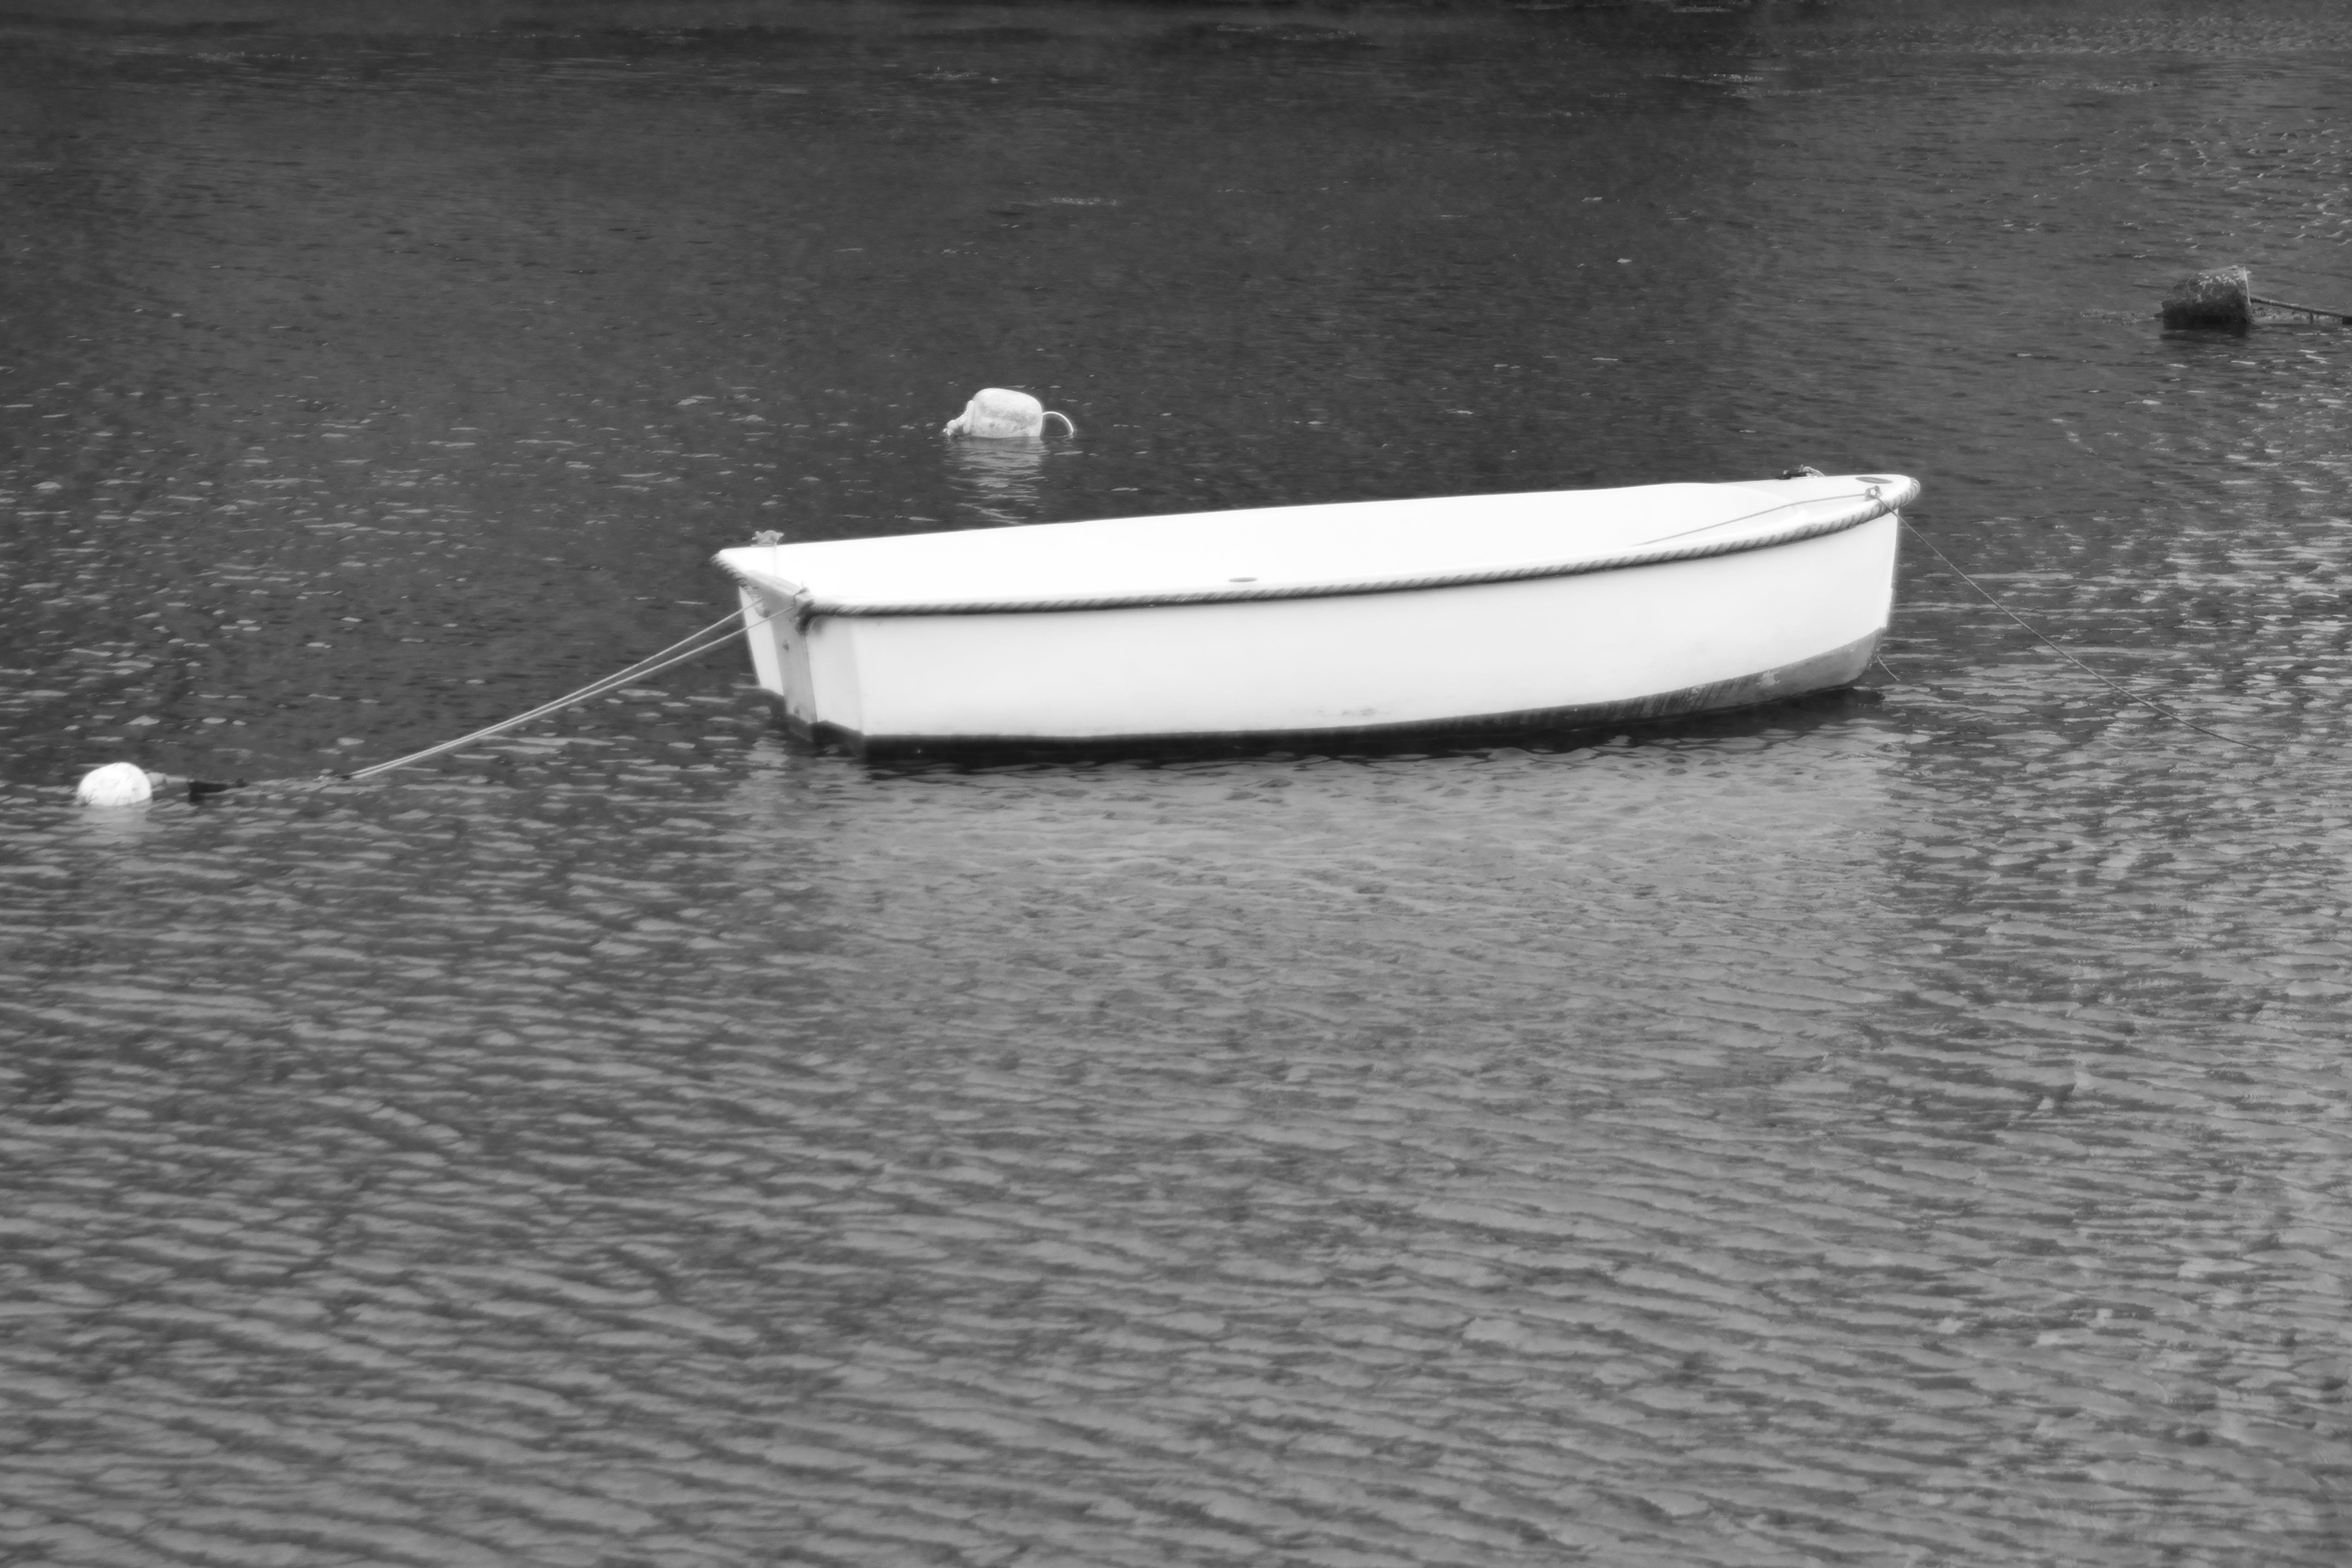 Δωρεάν στοκ φωτογραφιών με bateau, bouées, eau, loisirs